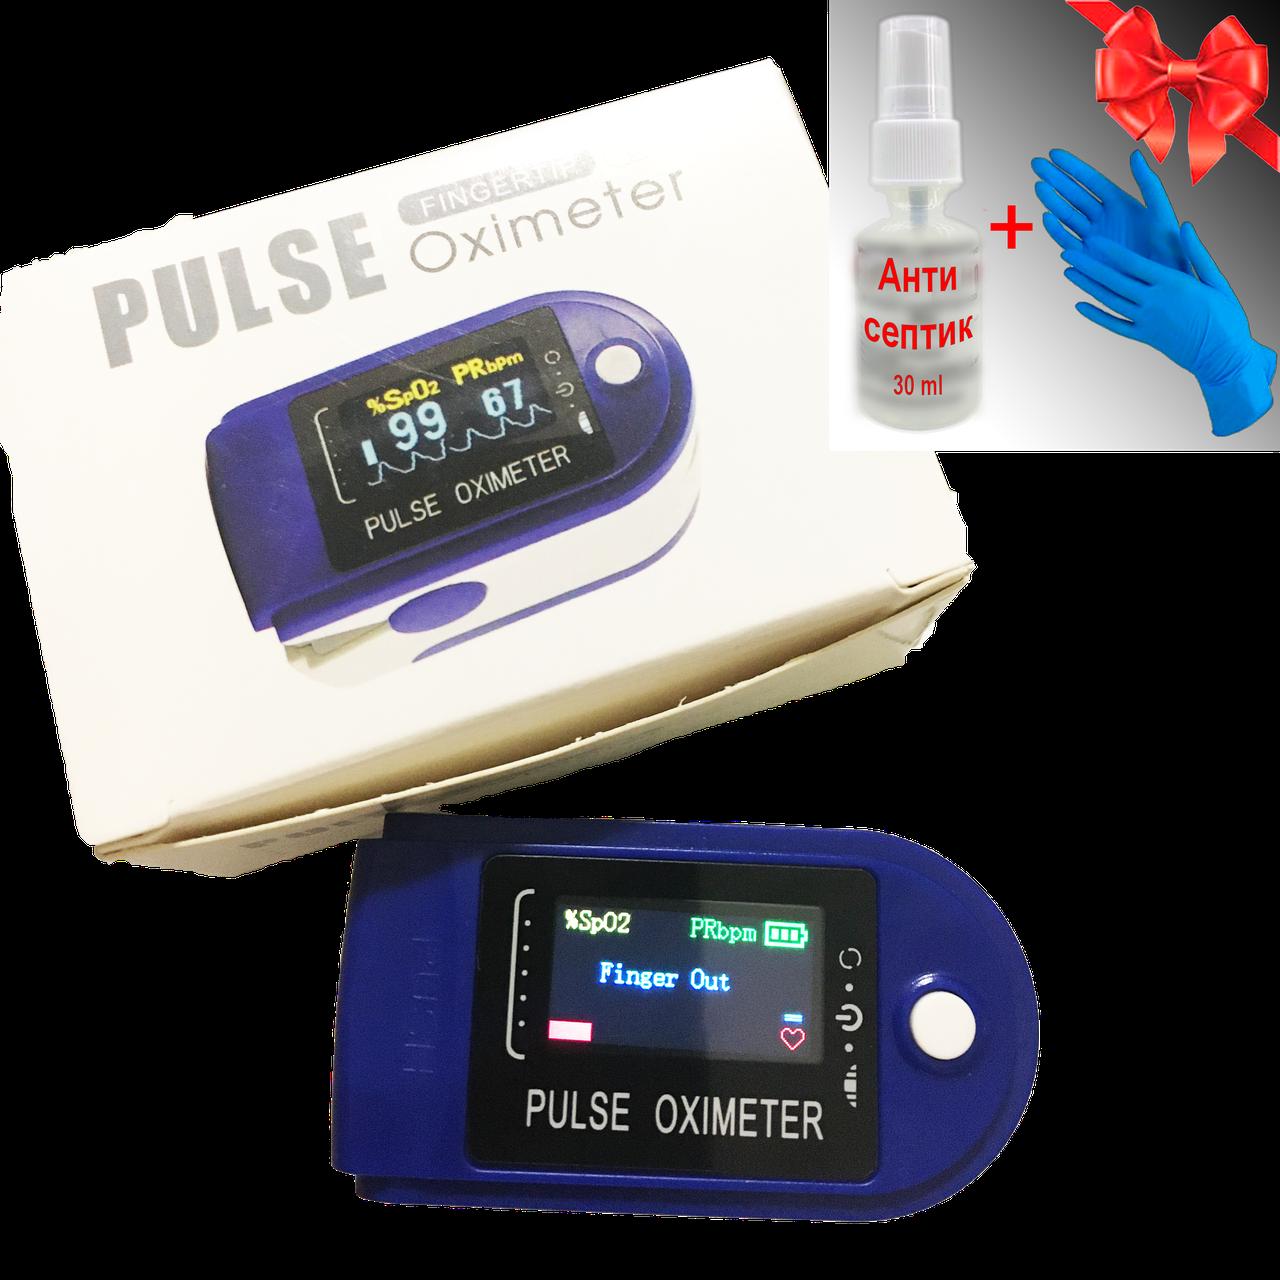 Измеритель пульса и кислорода Пульсоксиметр. Пульсометр на палец. Антисептик в подарок!